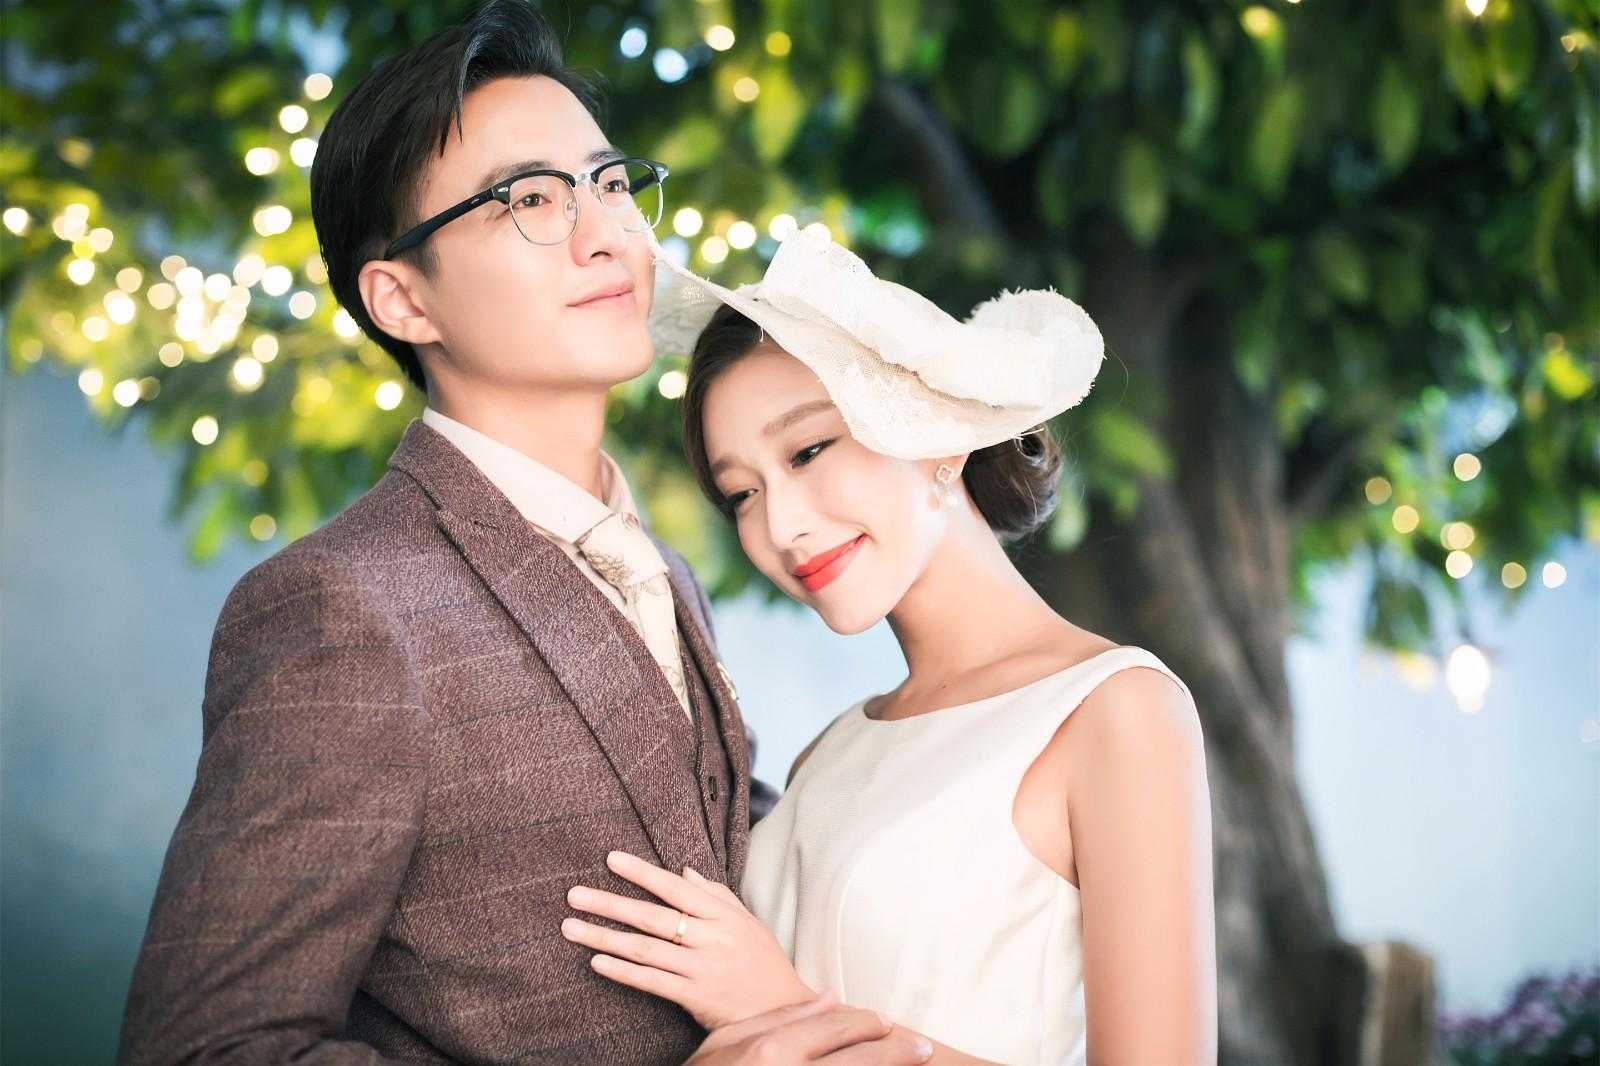 将要结婚的新人们,你们的结婚请柬怎么写的?